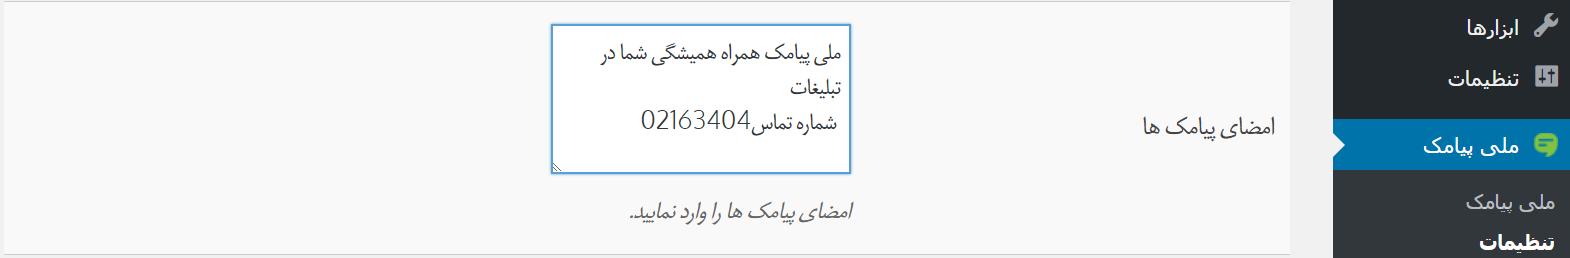 پلاگین ارسال اس ام اس ملی پیامک برای وردپرس و ووکامرس